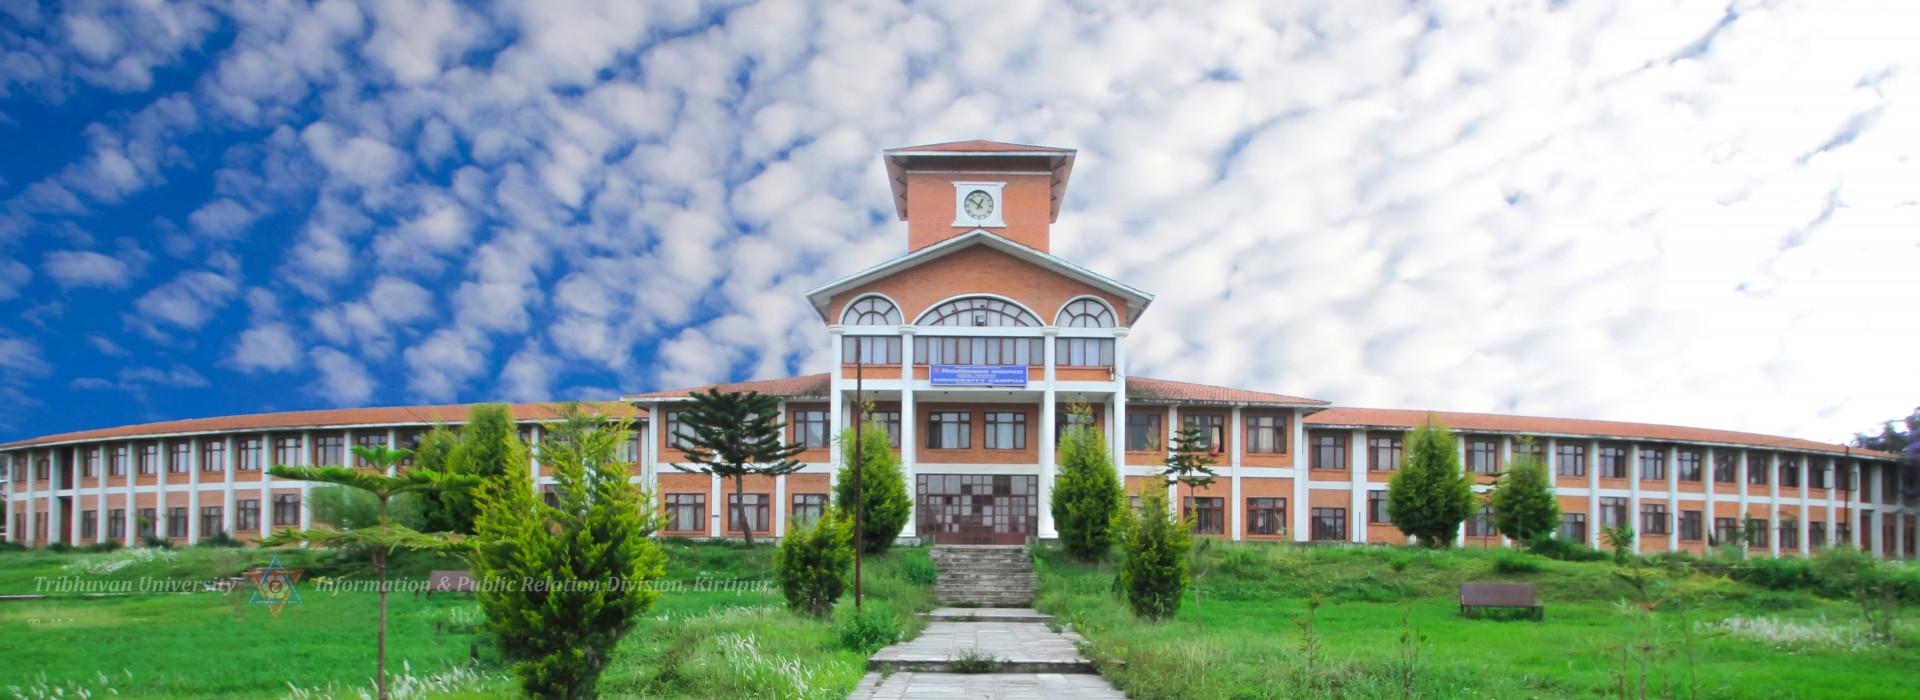 University Campus, Kirtipur